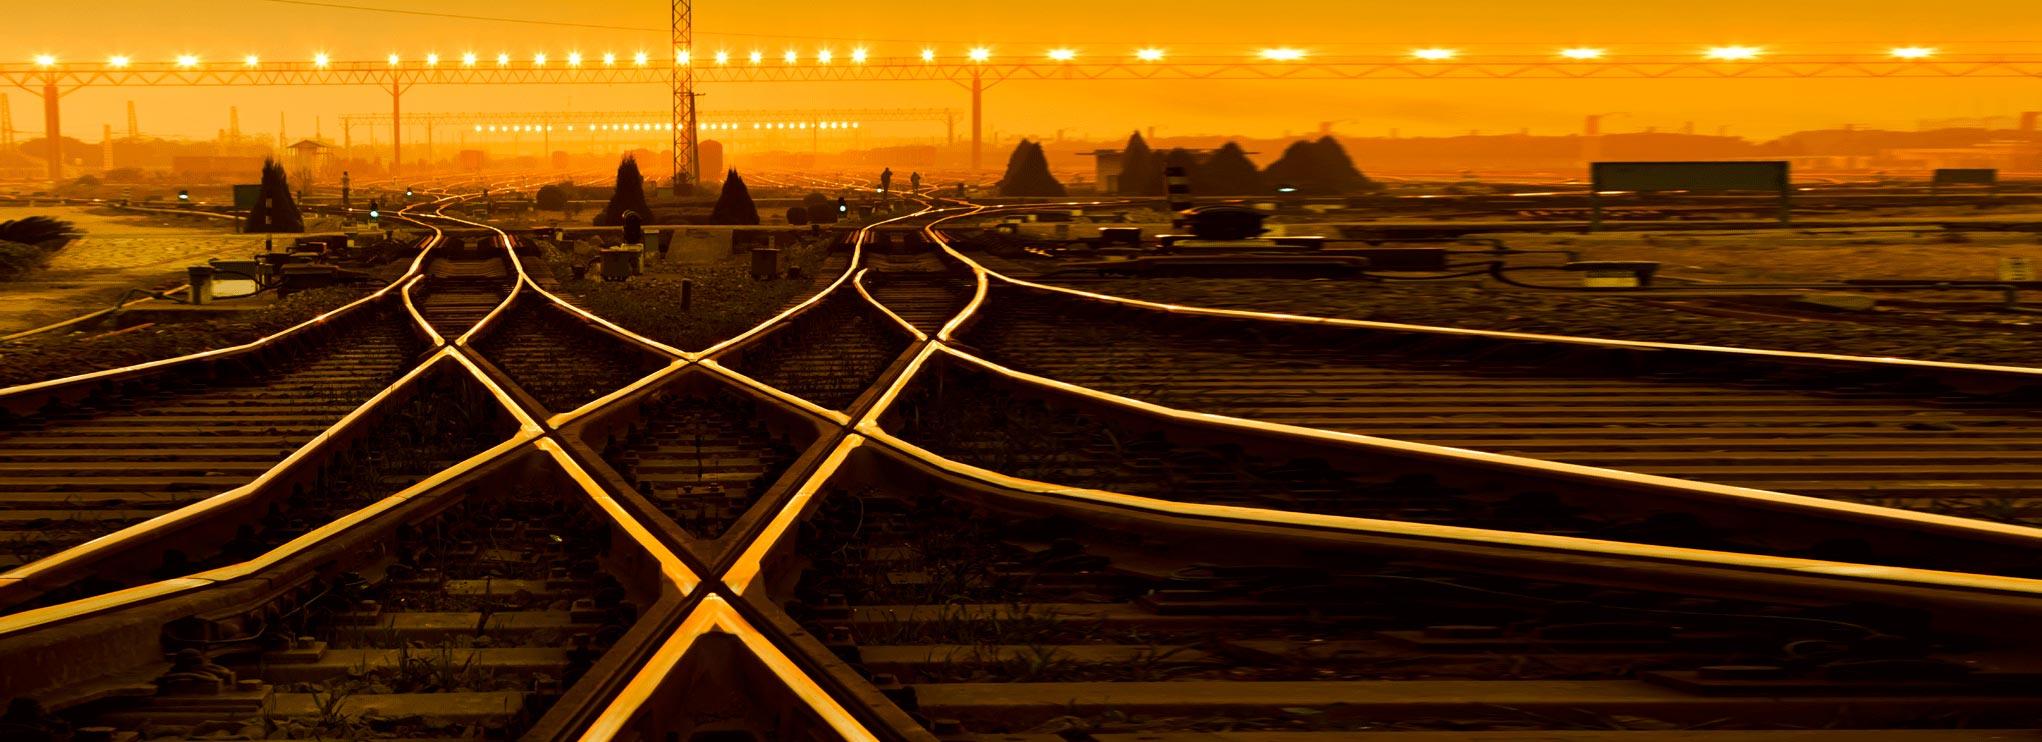 railheader